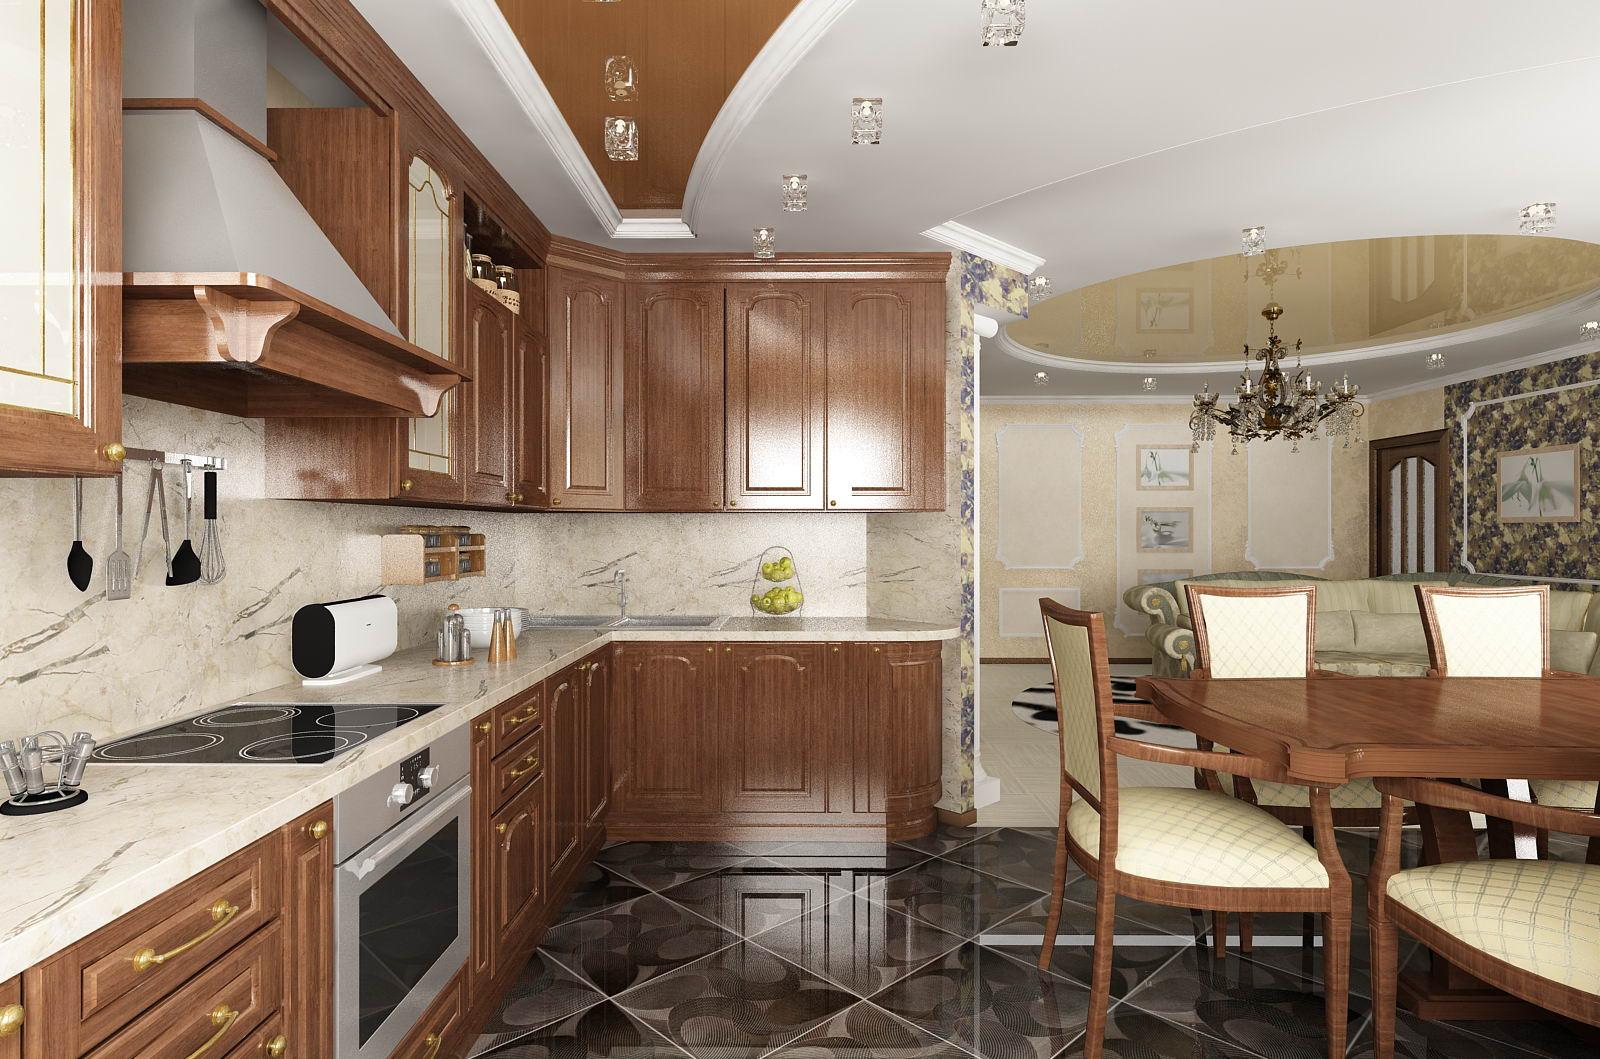 Дизайн кухни столовой интерьера